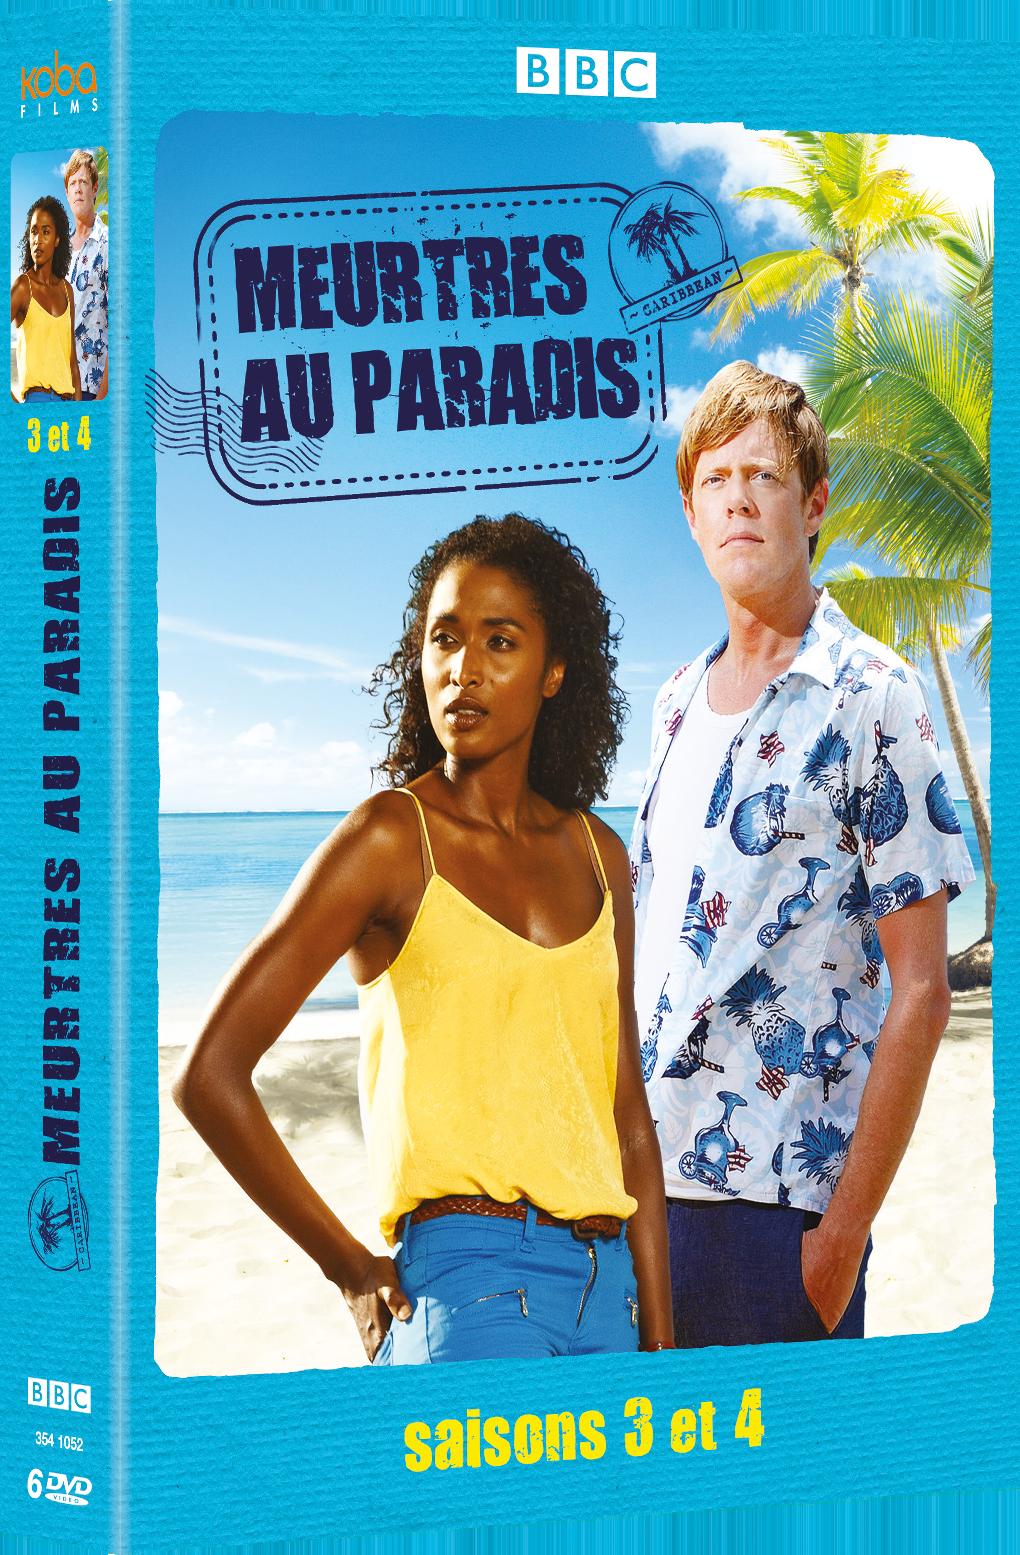 MEURTRES AU PARADIS SAISONS 3 & 4 (6 DVD)